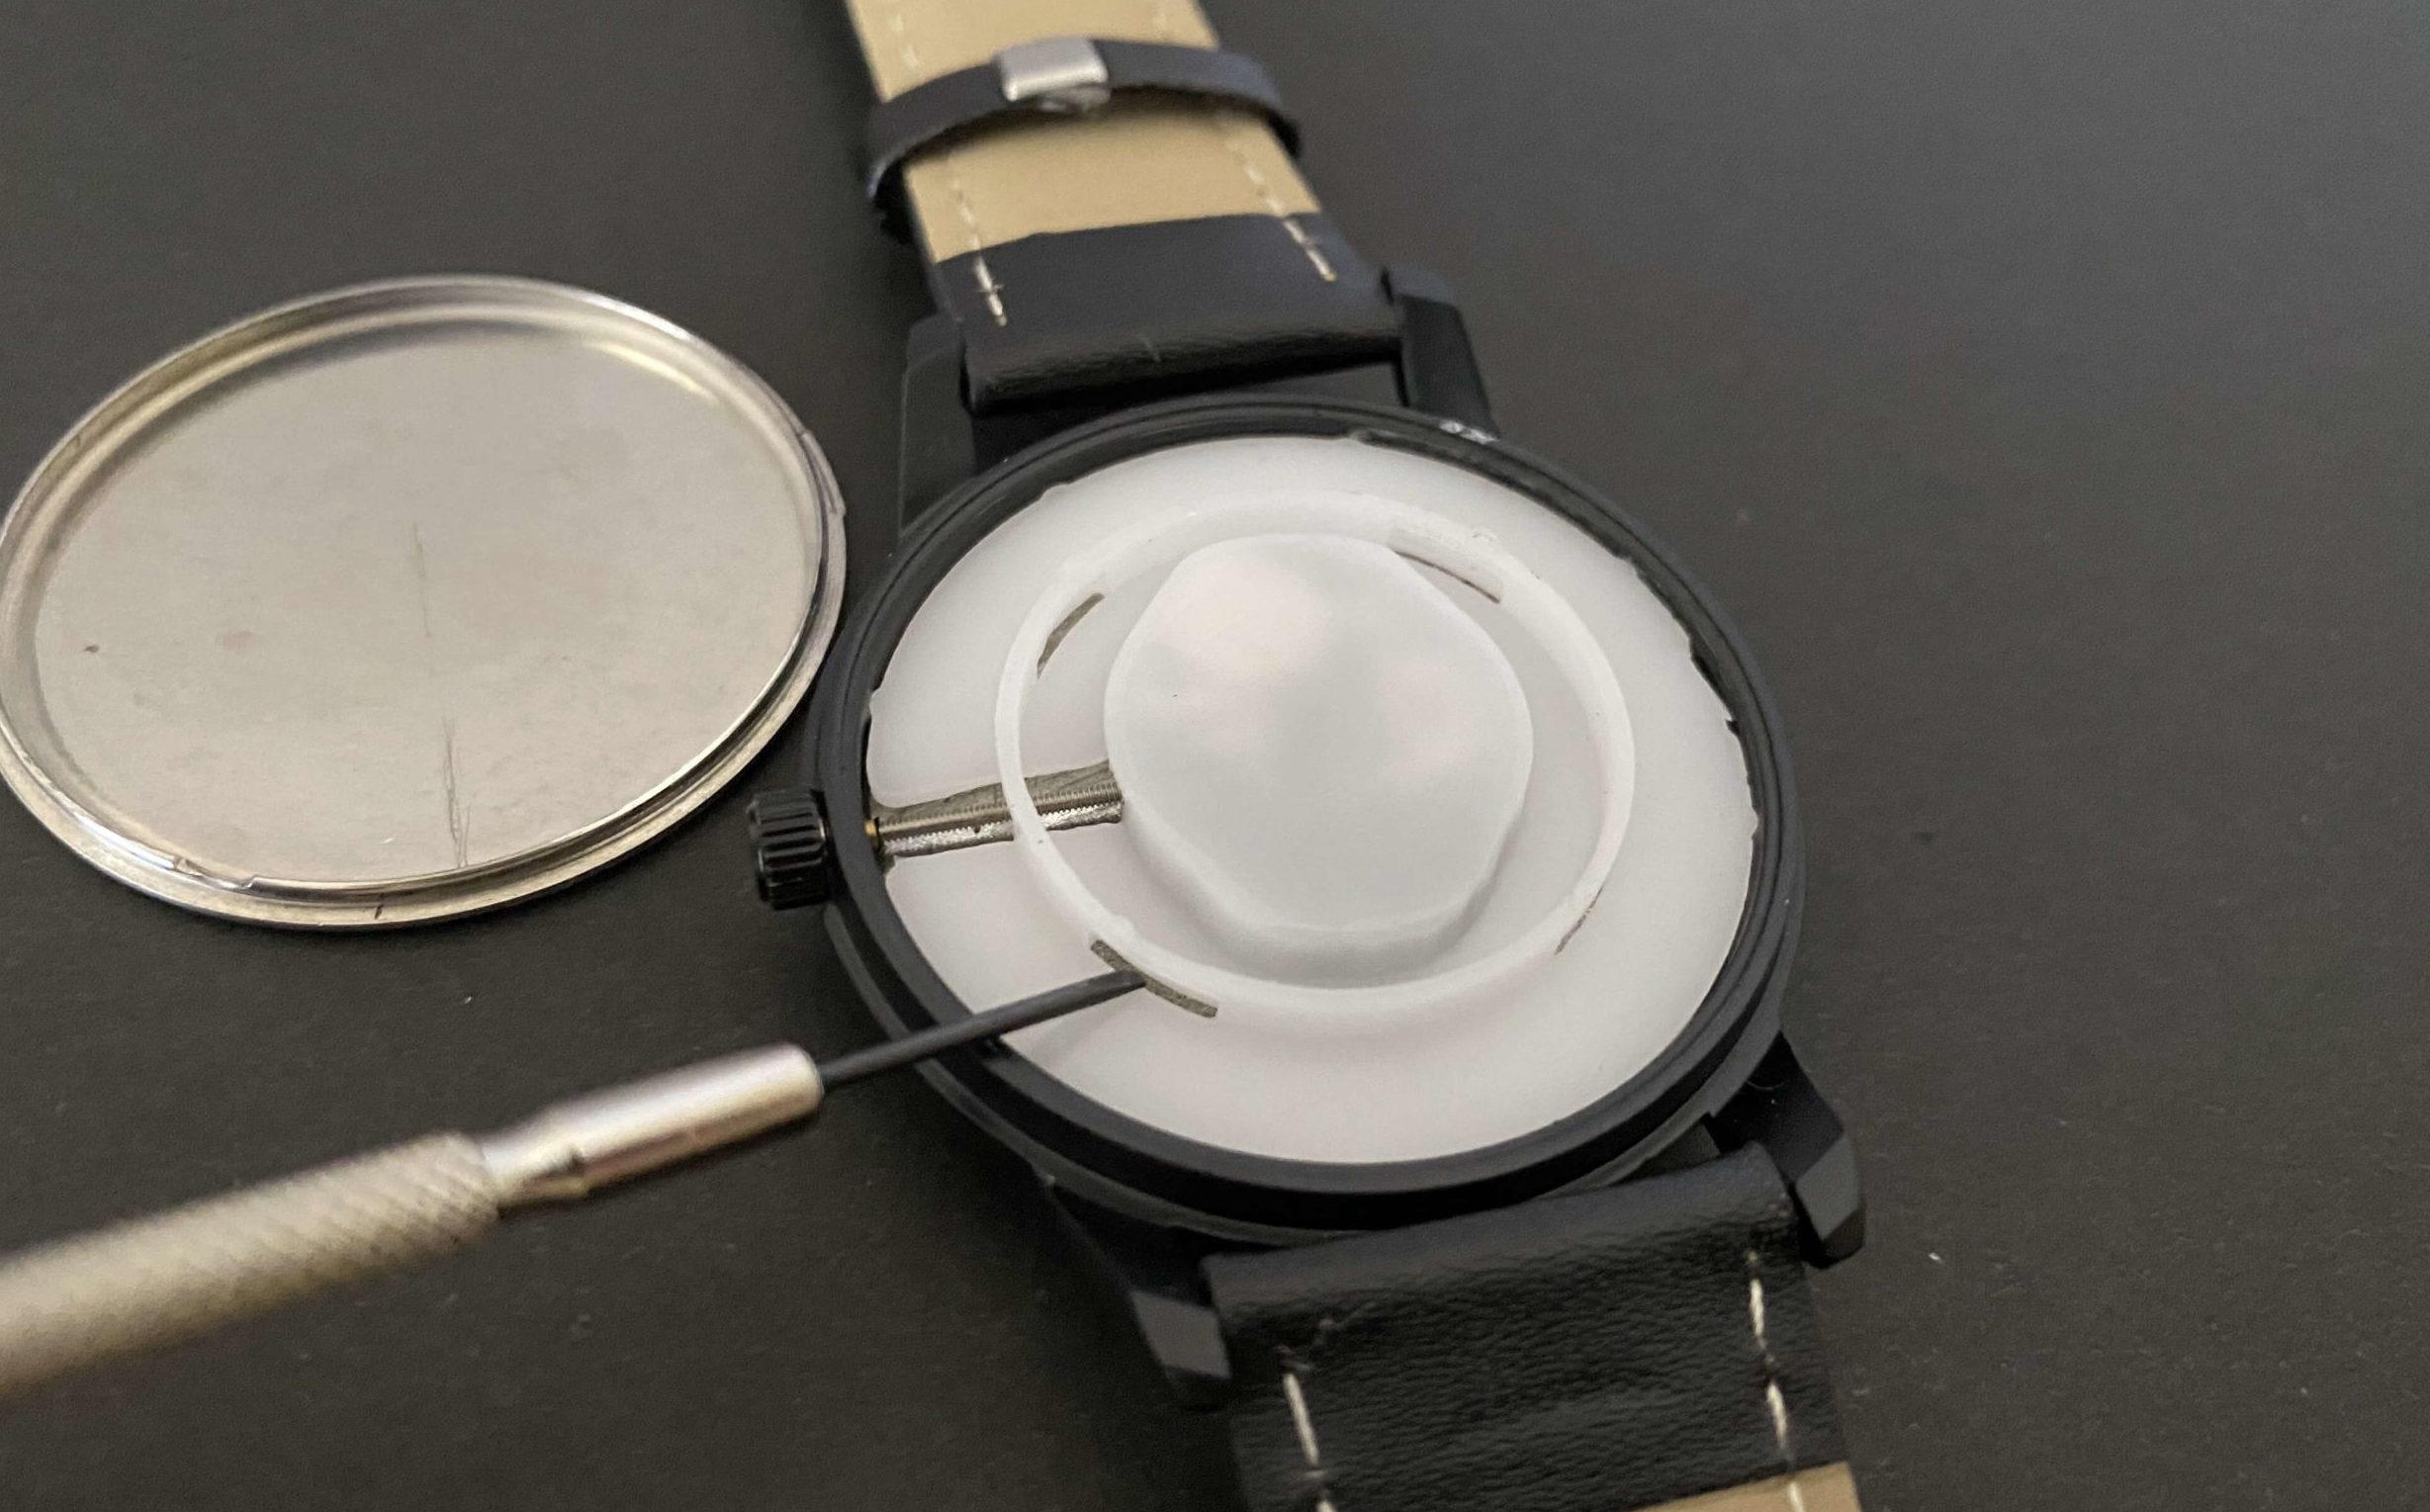 ダイソー腕時計のSR626SW電池交換で中蓋を取り出す